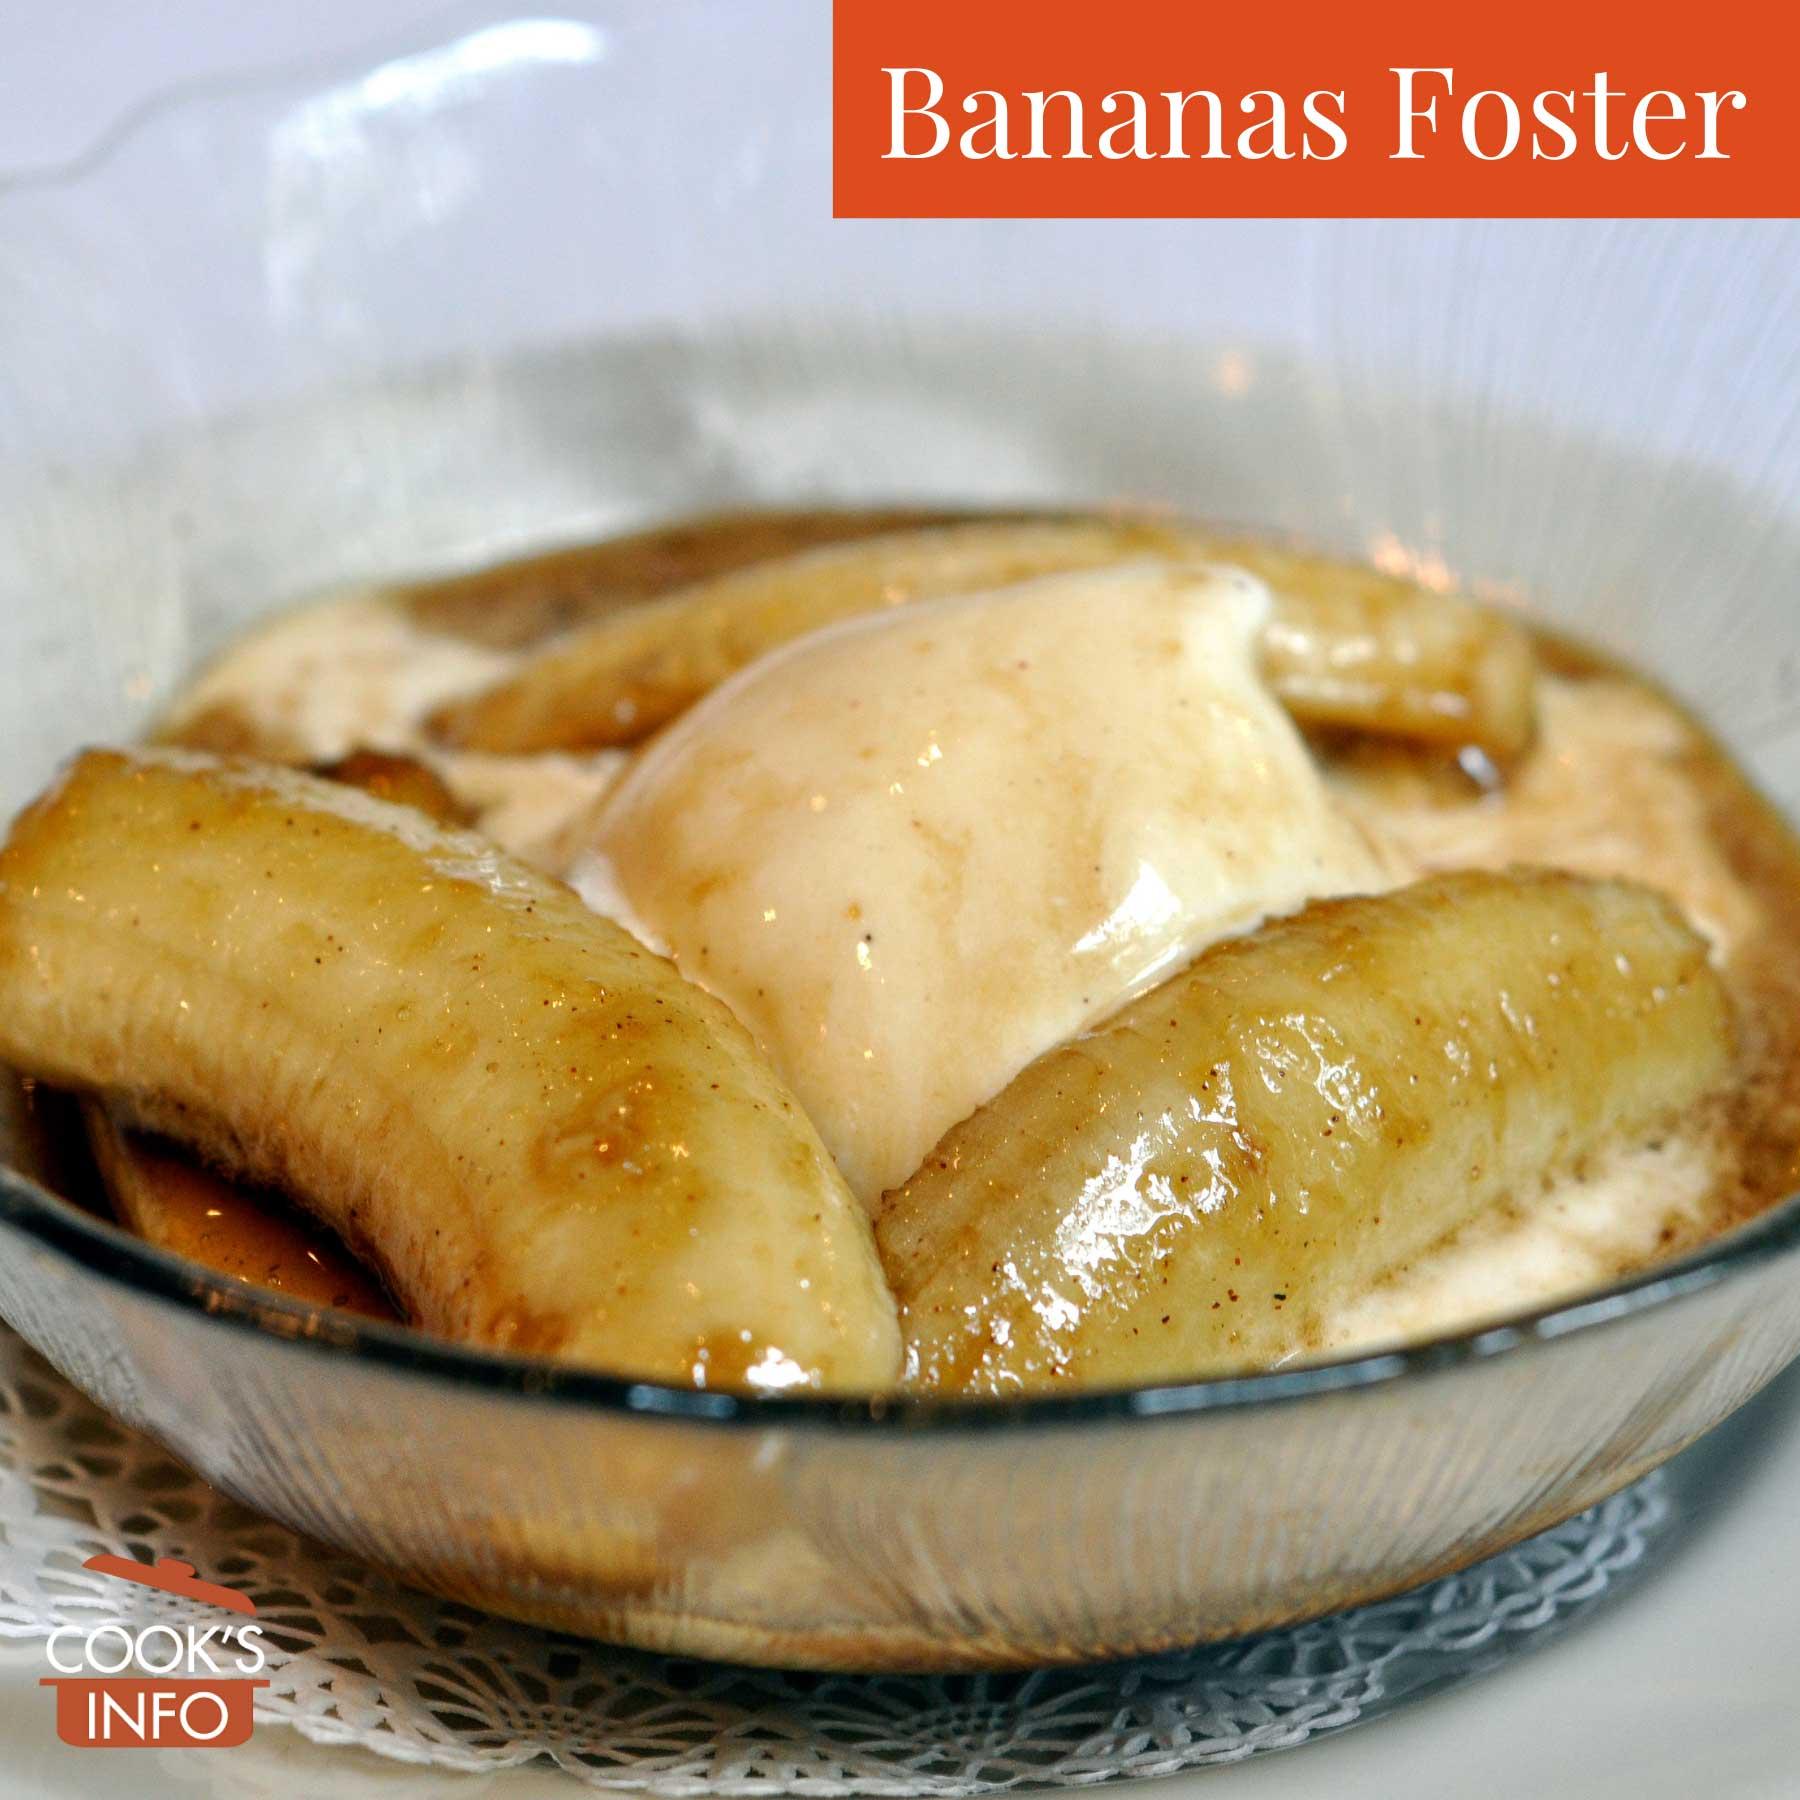 Bananas Foster as served at Brennan's